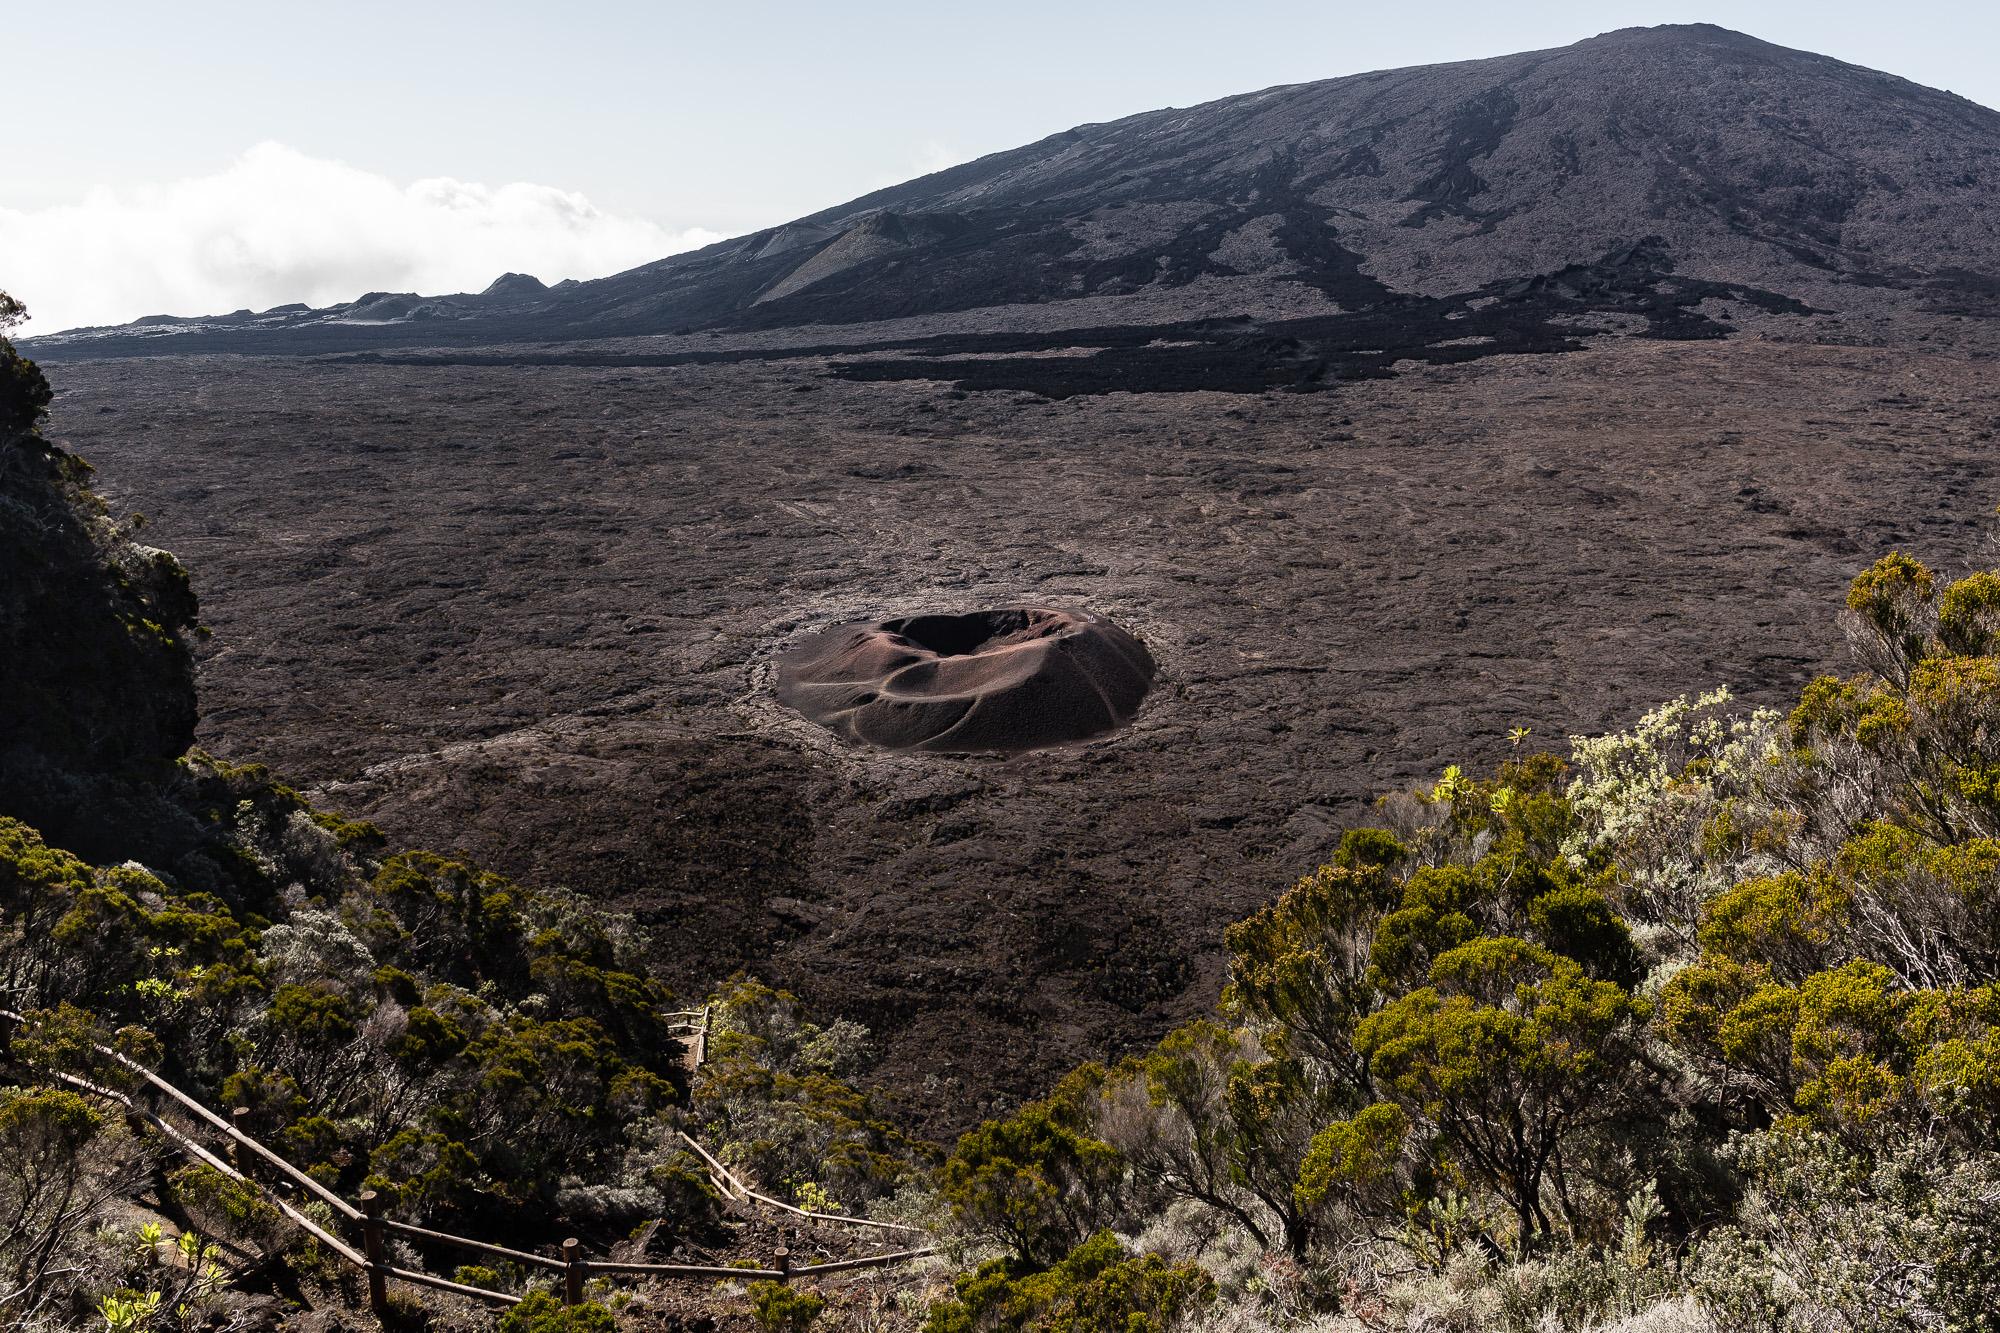 vue cratère formica leo dans enclos piton de la fournaise